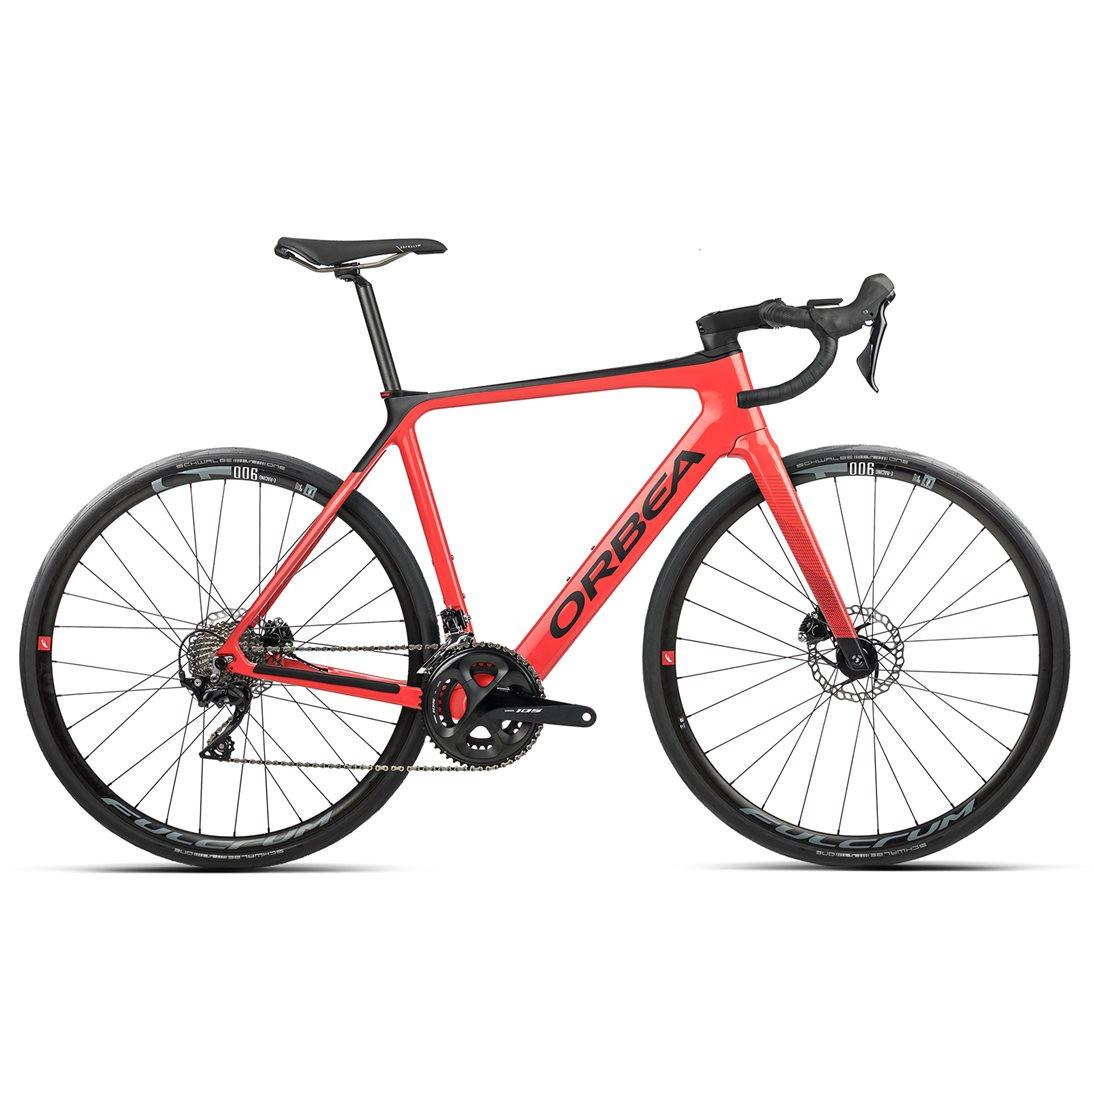 Orbea Gain M30 105 Disc Electric Road Bike 2021